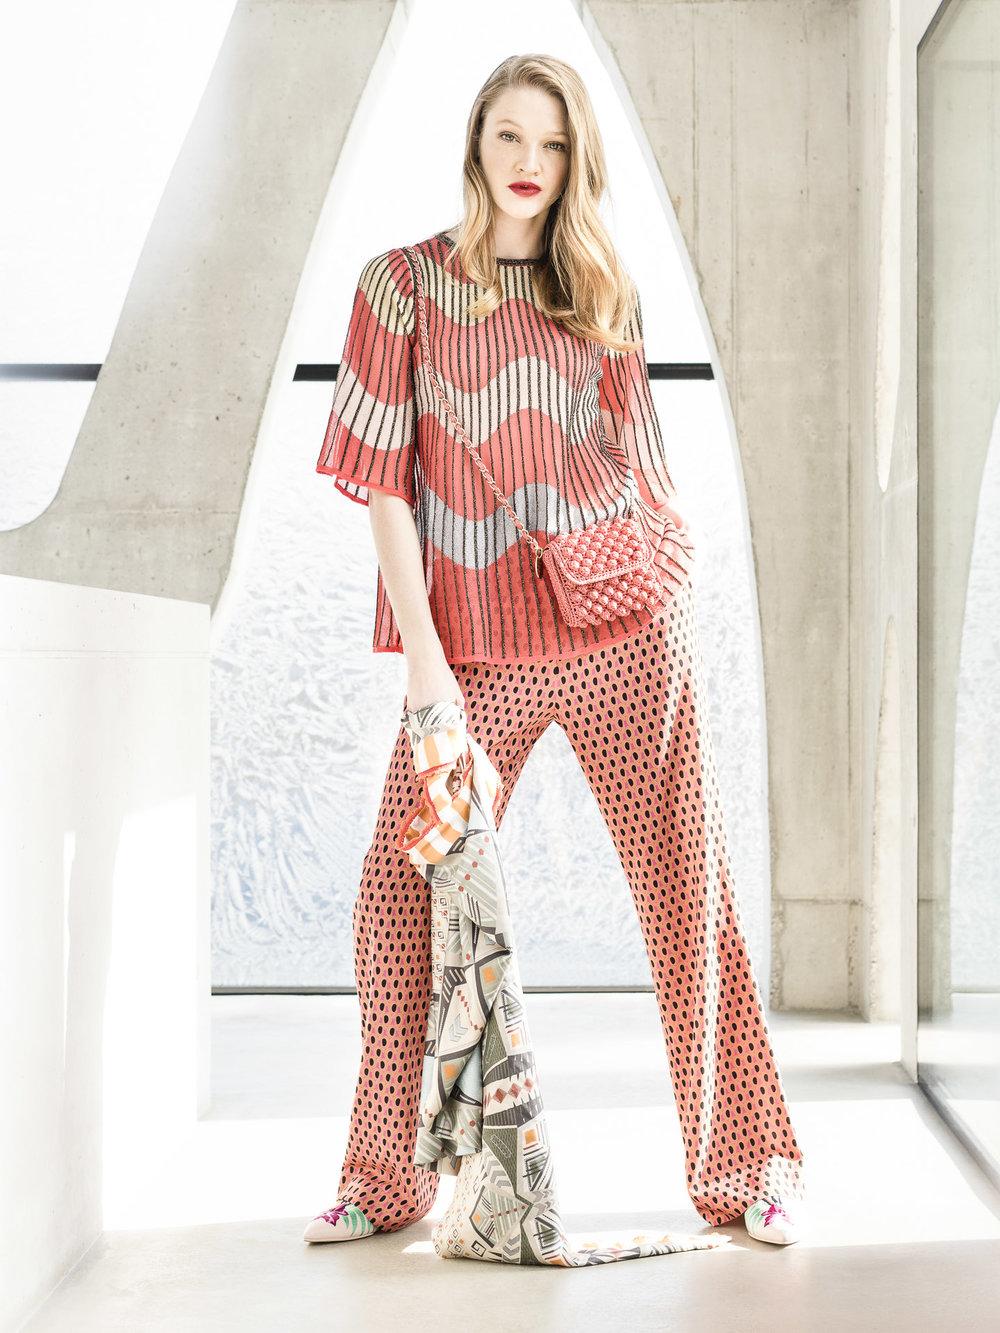 Fotowerk Lampelmayer - Modefotografie für das Circe Magazin